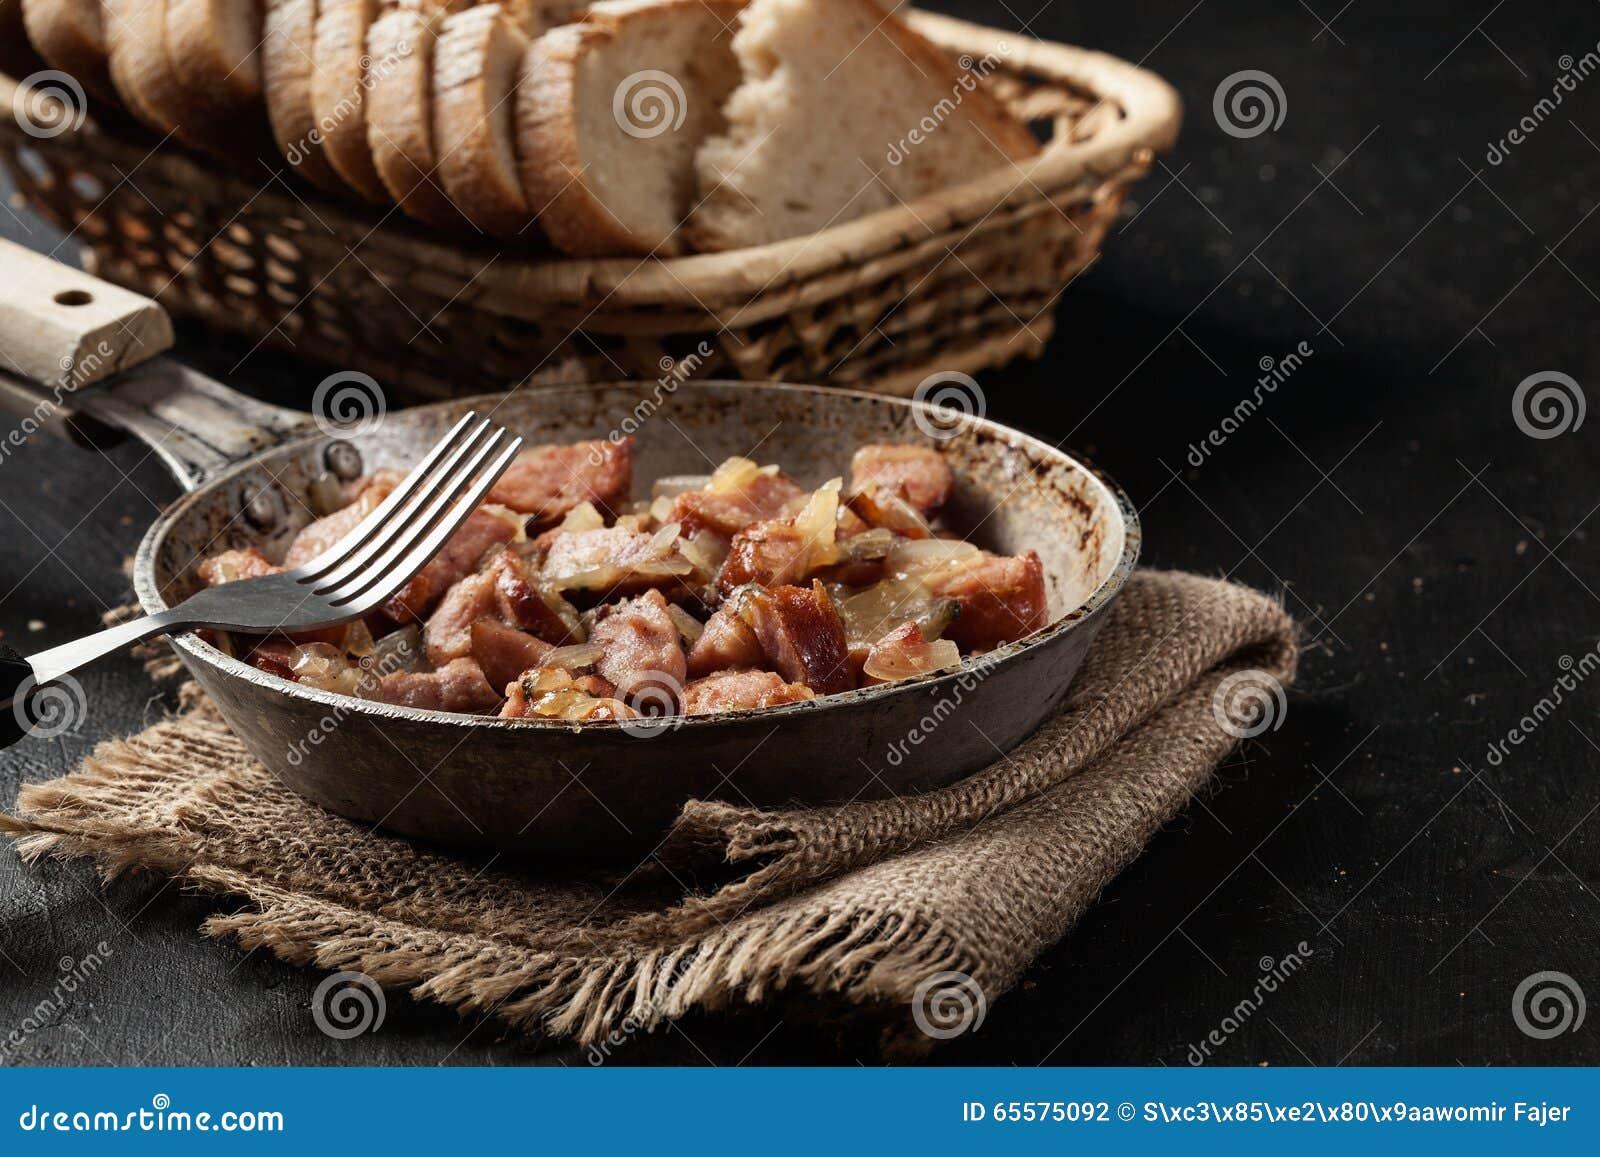 Partes de salsicha fritadas com cebolas